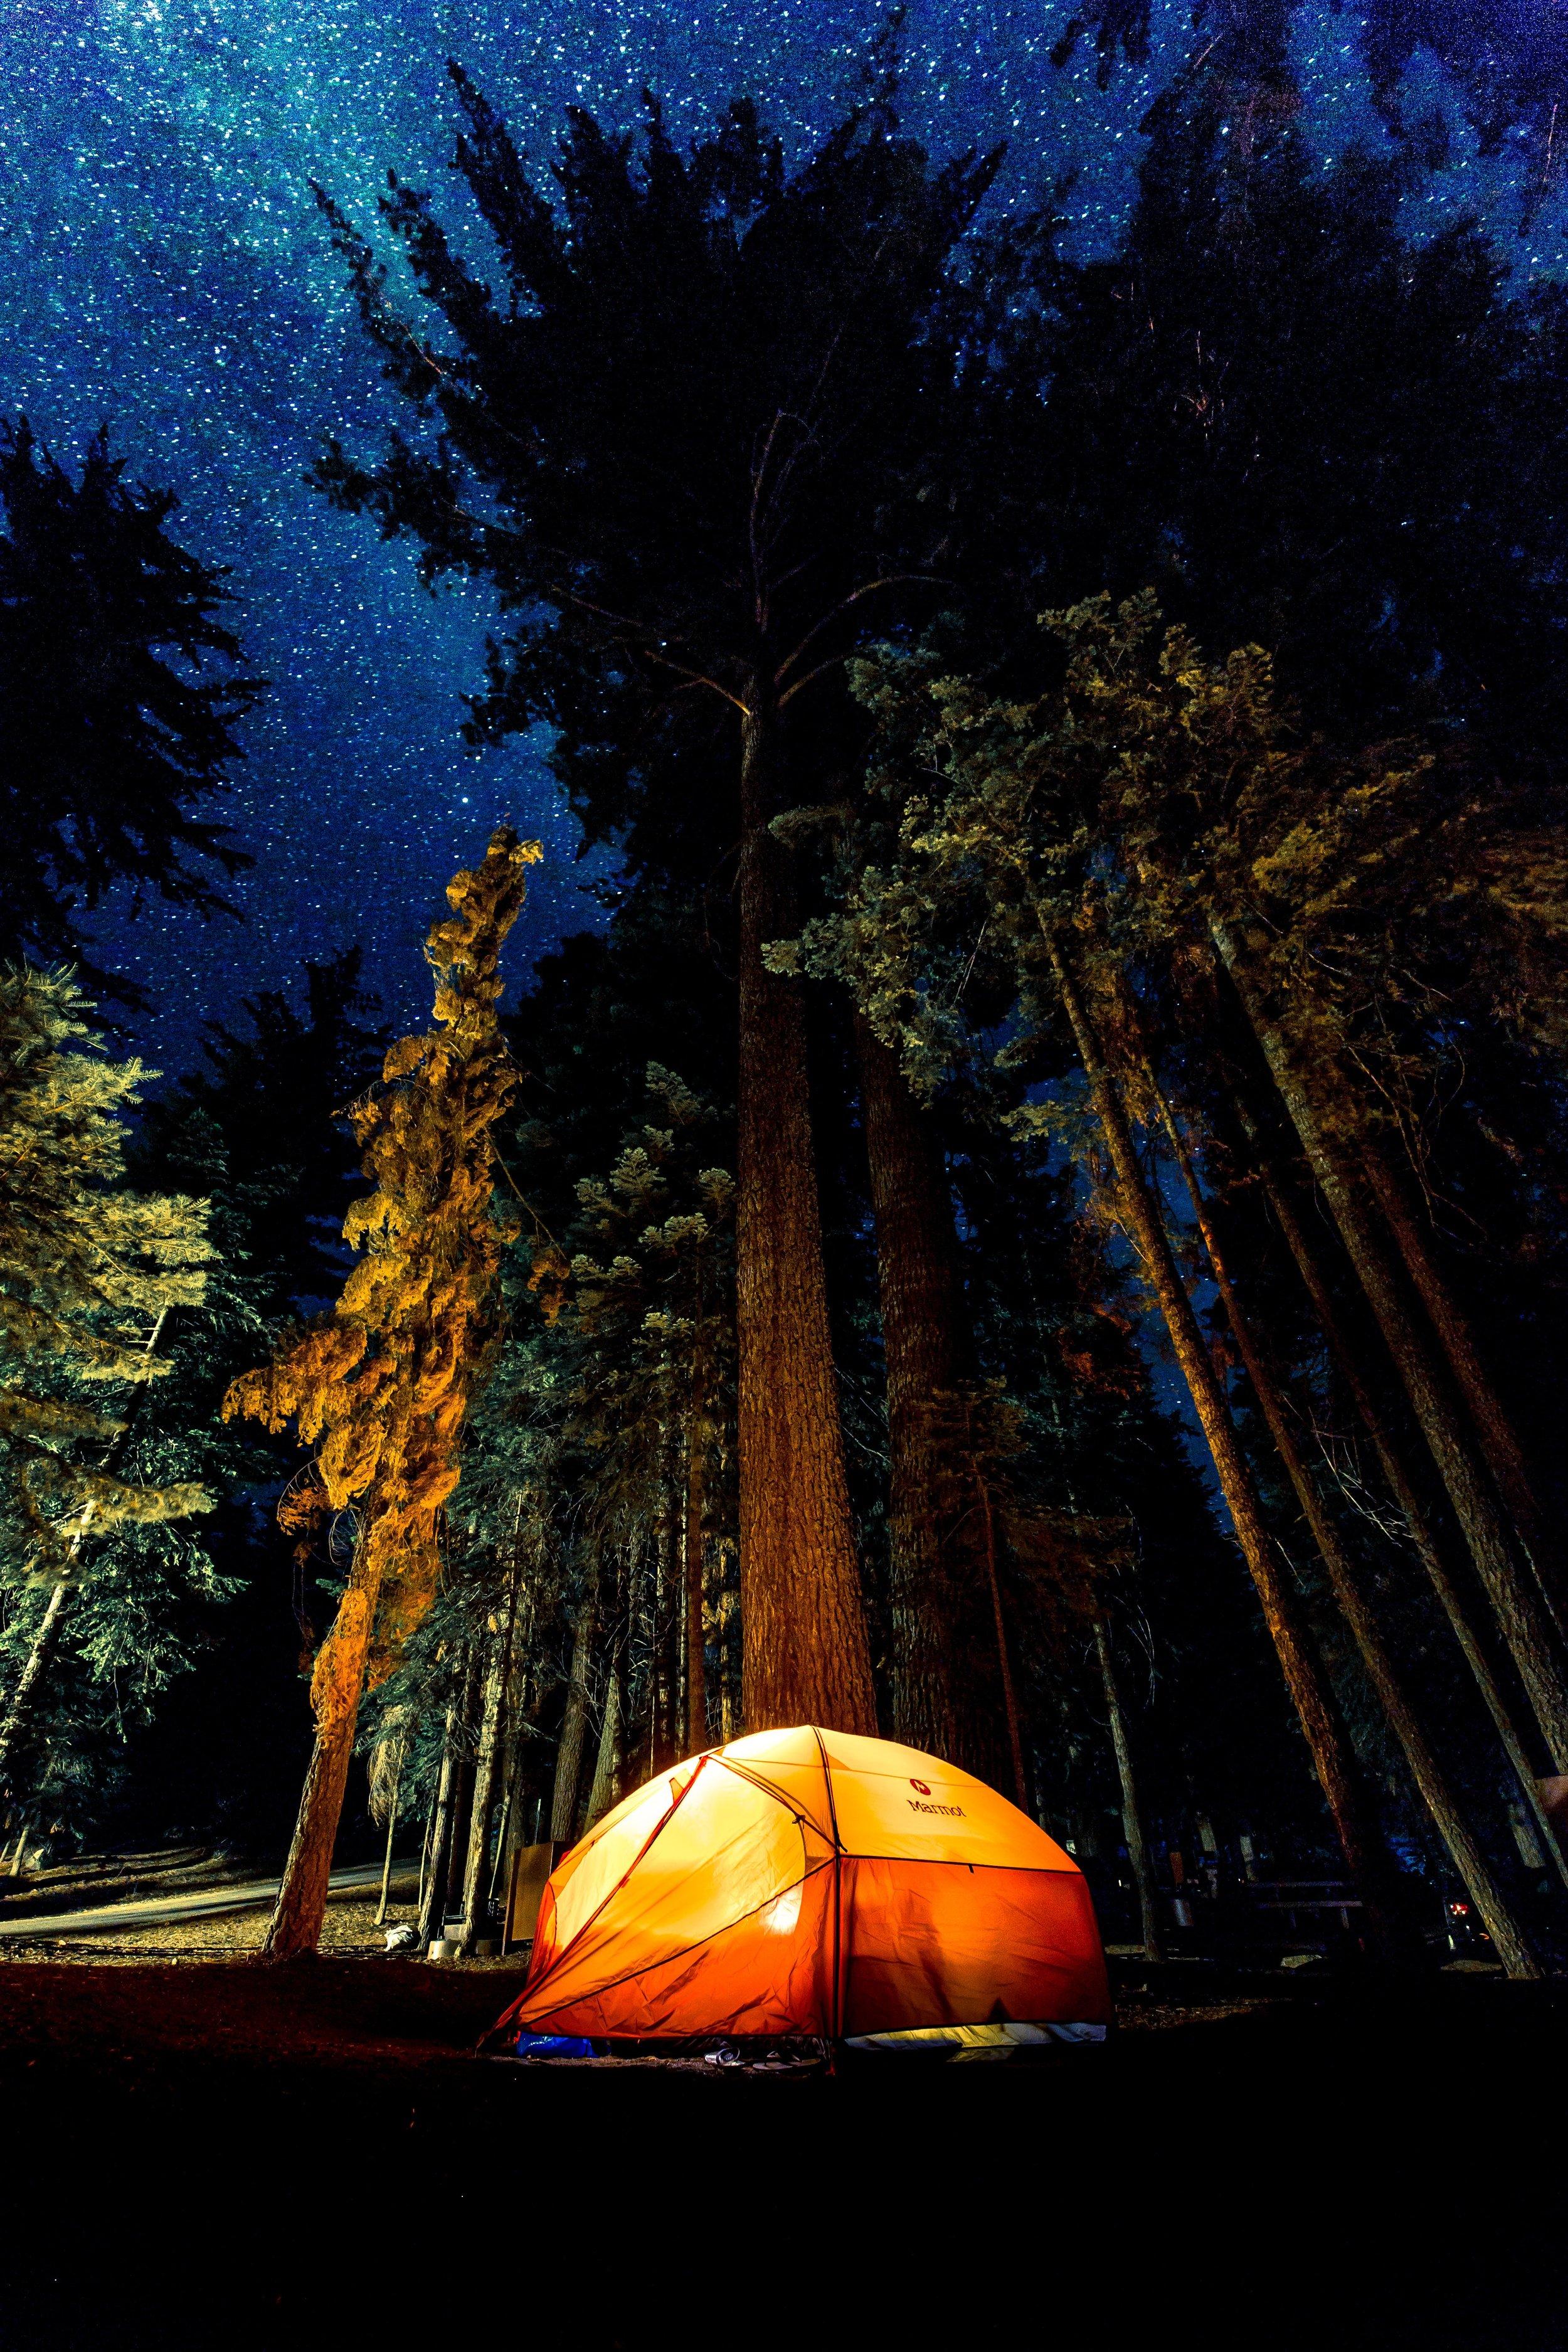 1) Shelter - Photo by Denys Nevozhaion Unsplash